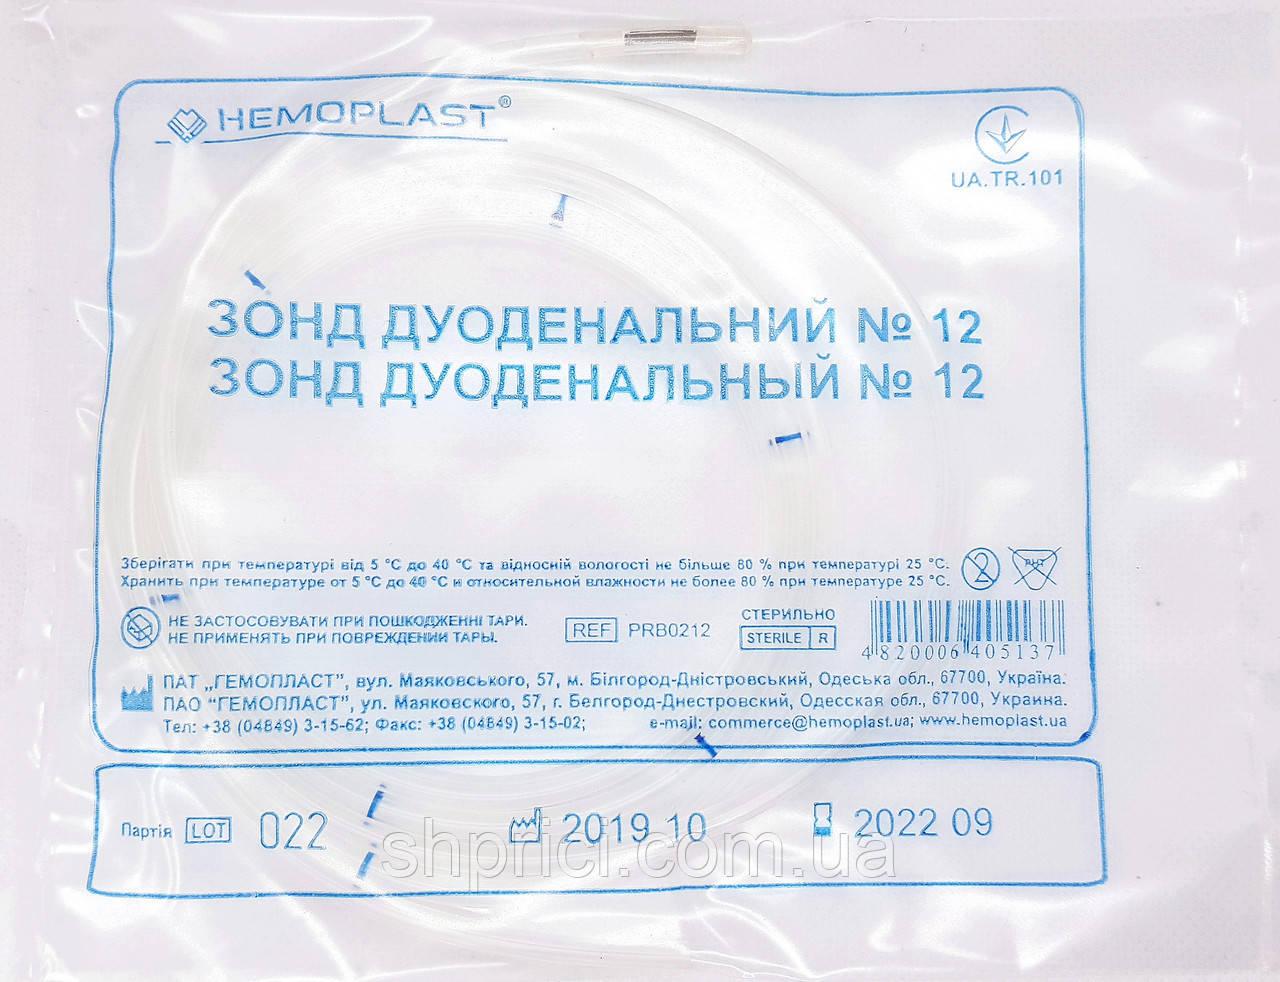 Зонд дуоденальный № 12 / Гемопласт